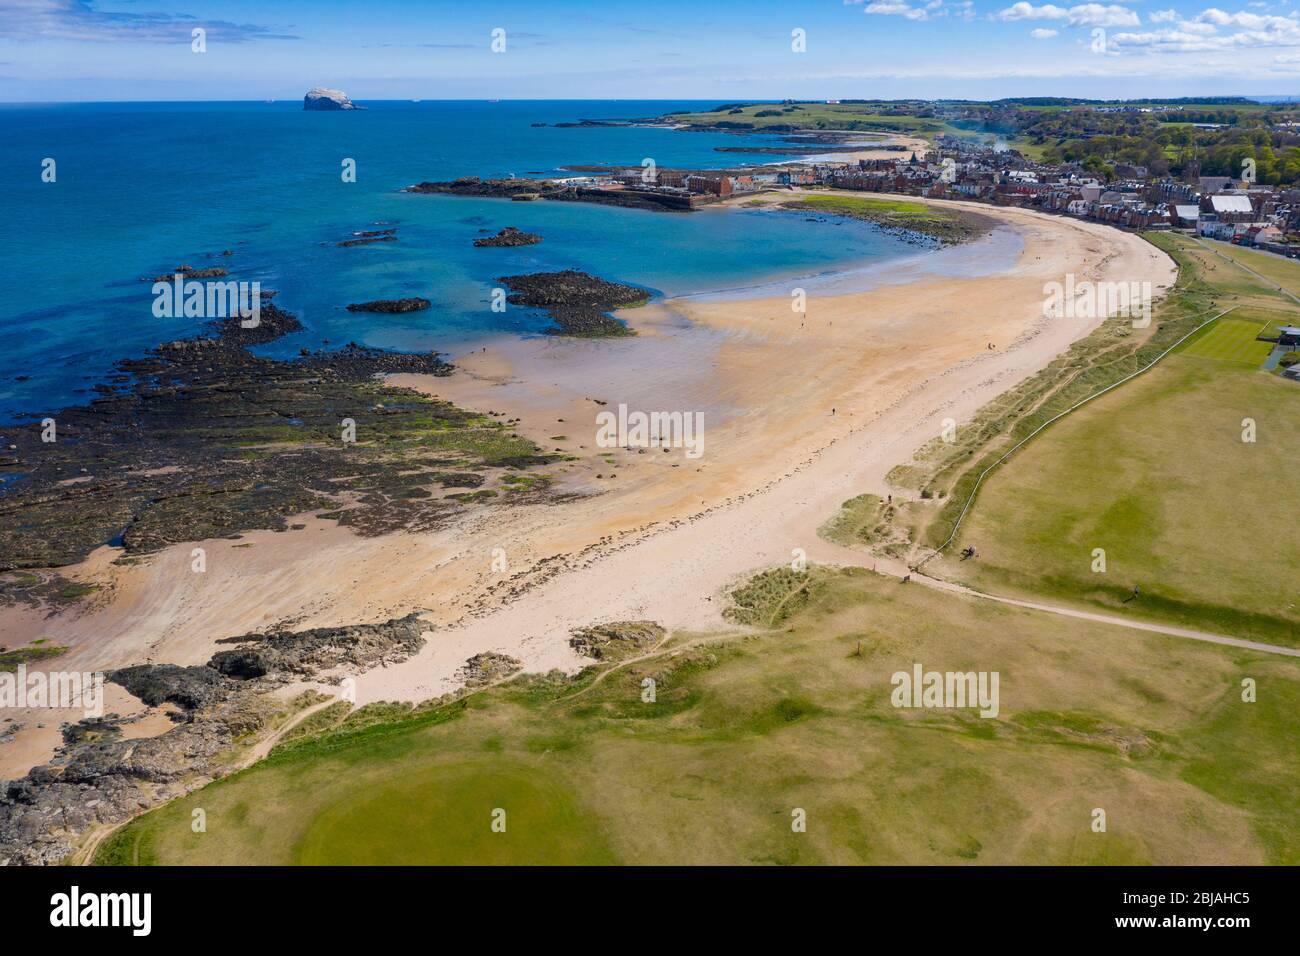 Vista aérea de la playa de North Berwick y del club de golf North Berwick, East Lothian, Escocia, Reino Unido Foto de stock